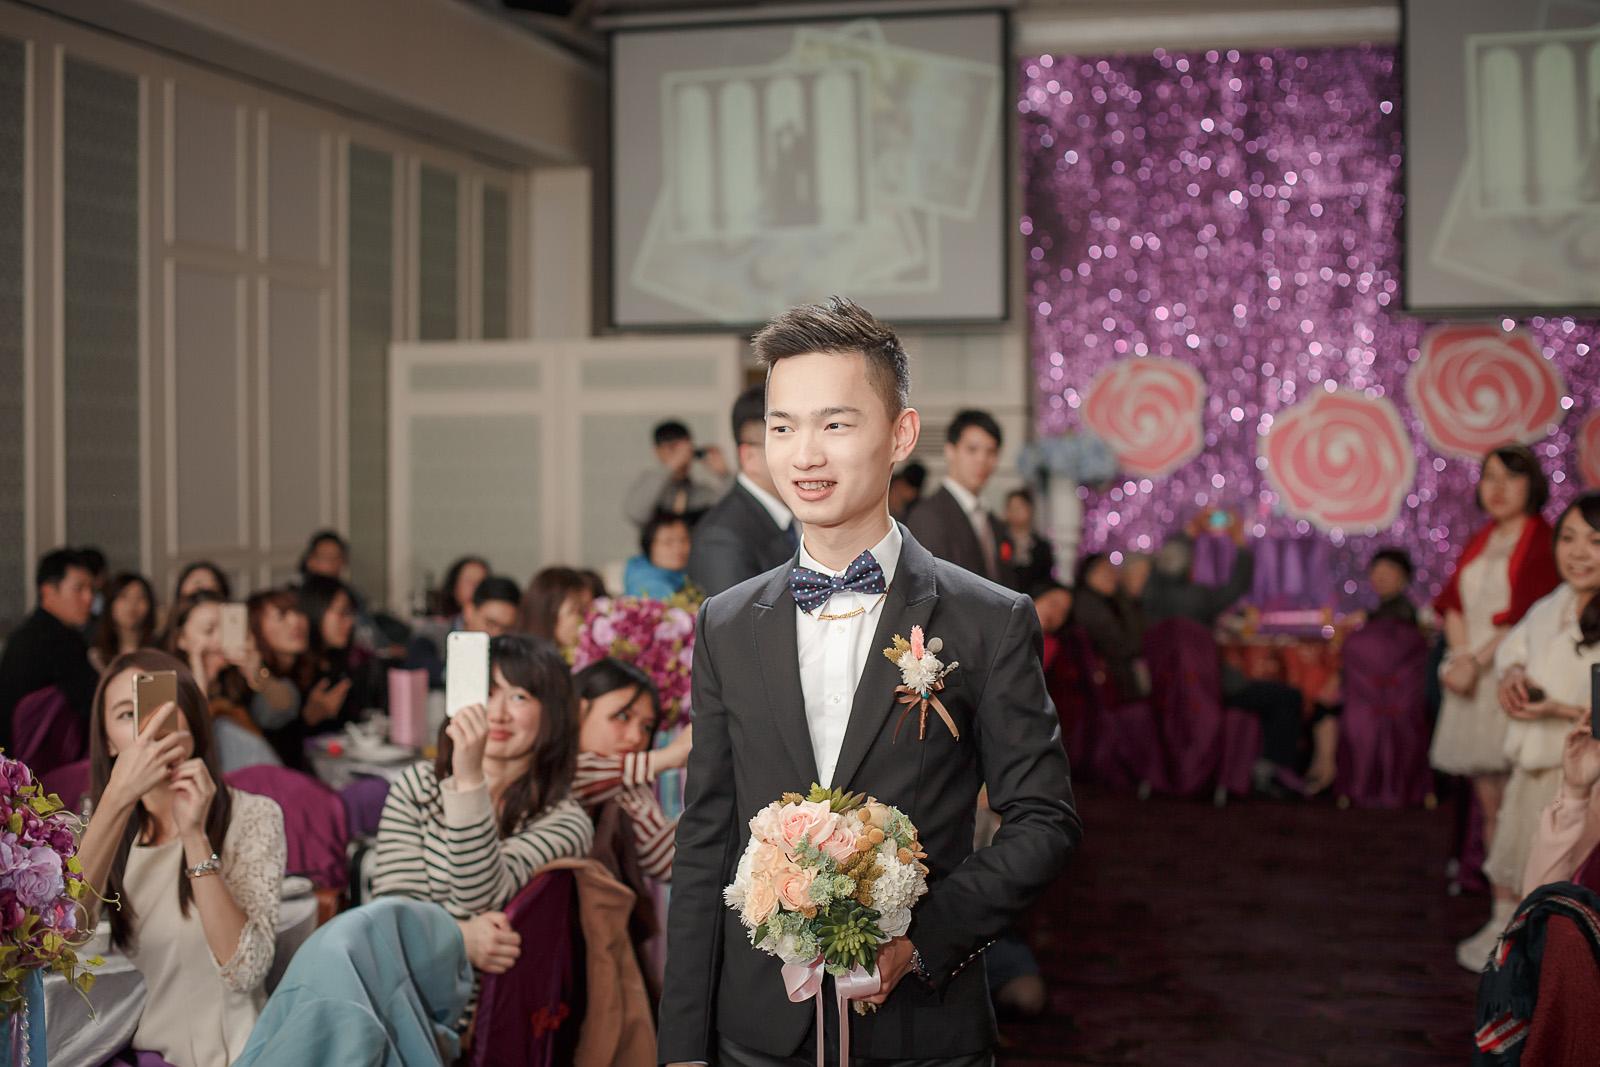 高雄圓山飯店,婚禮攝影,婚攝,高雄婚攝,優質婚攝推薦,Jen&Ethan-241